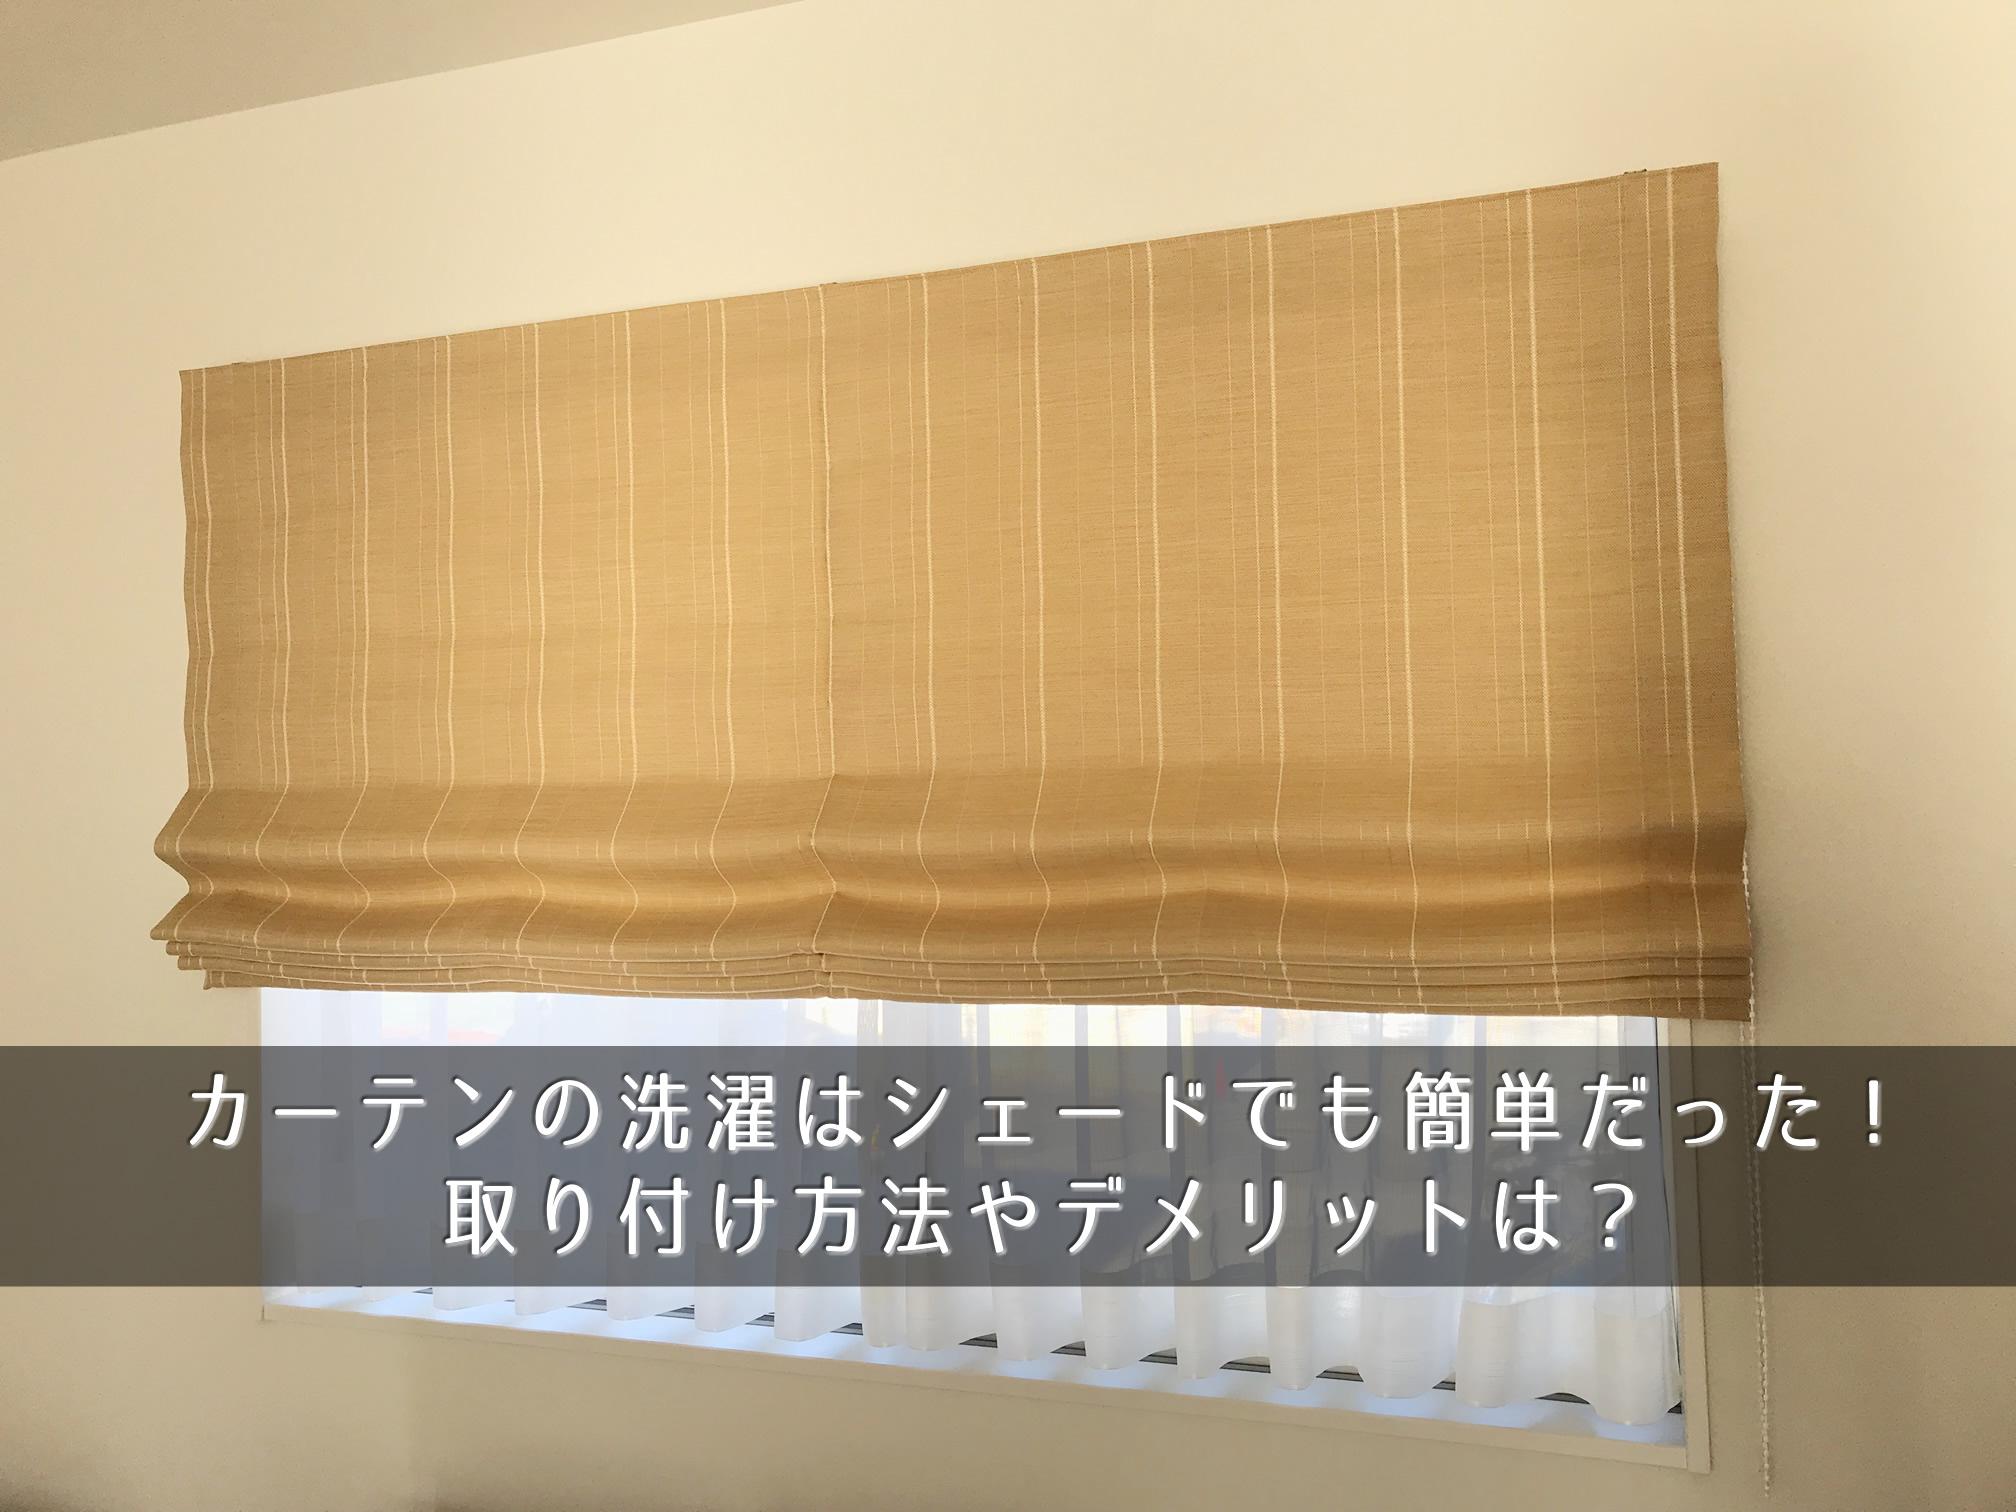 カーテンの洗濯はシェードでも簡単だった!取り付け方法やデメリットは?